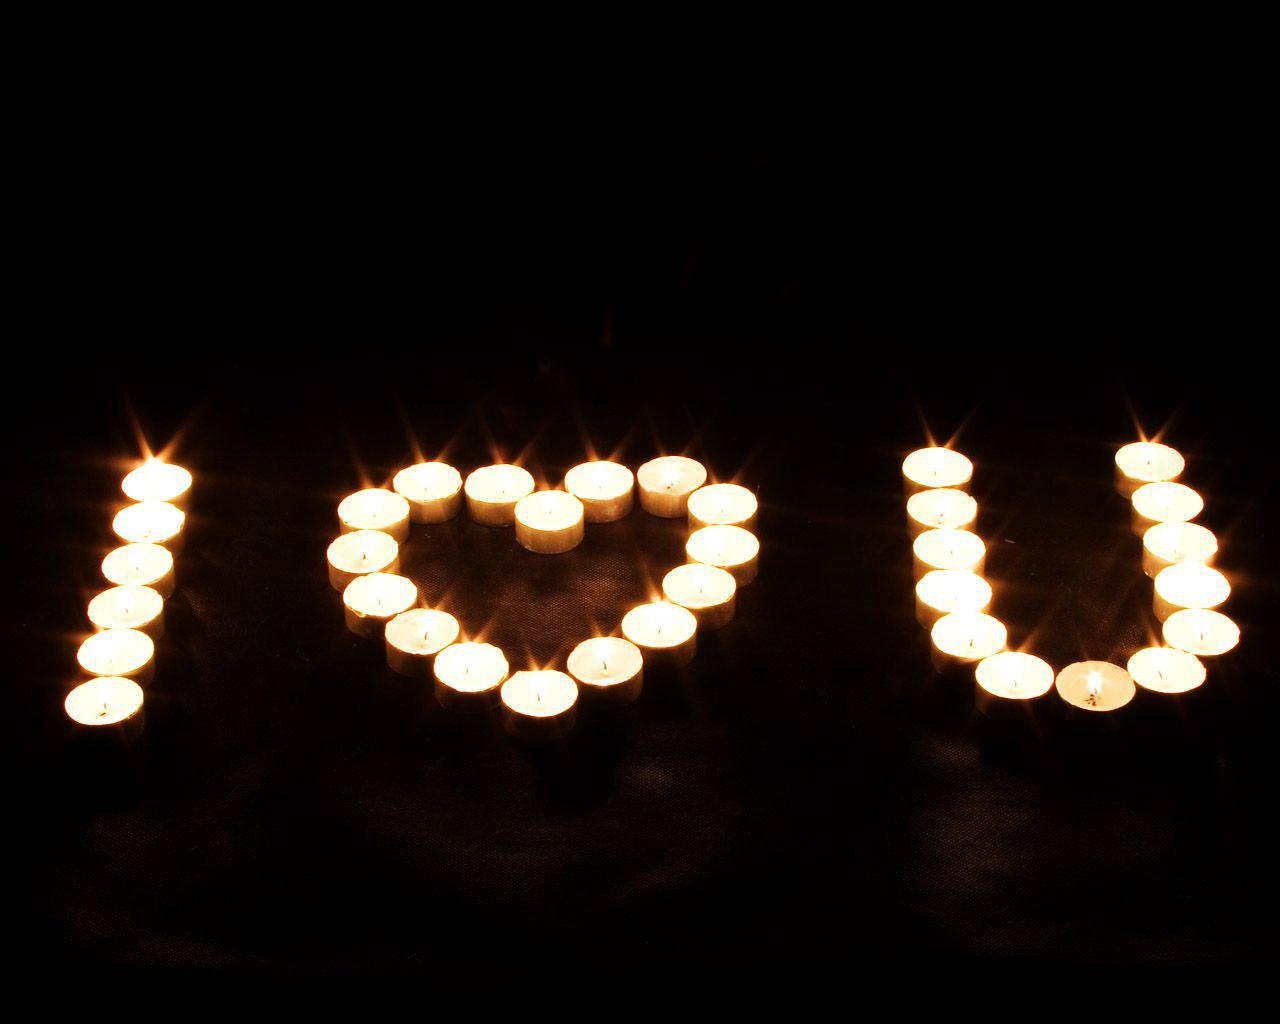 Красивые светящие картинки про любовь, дню